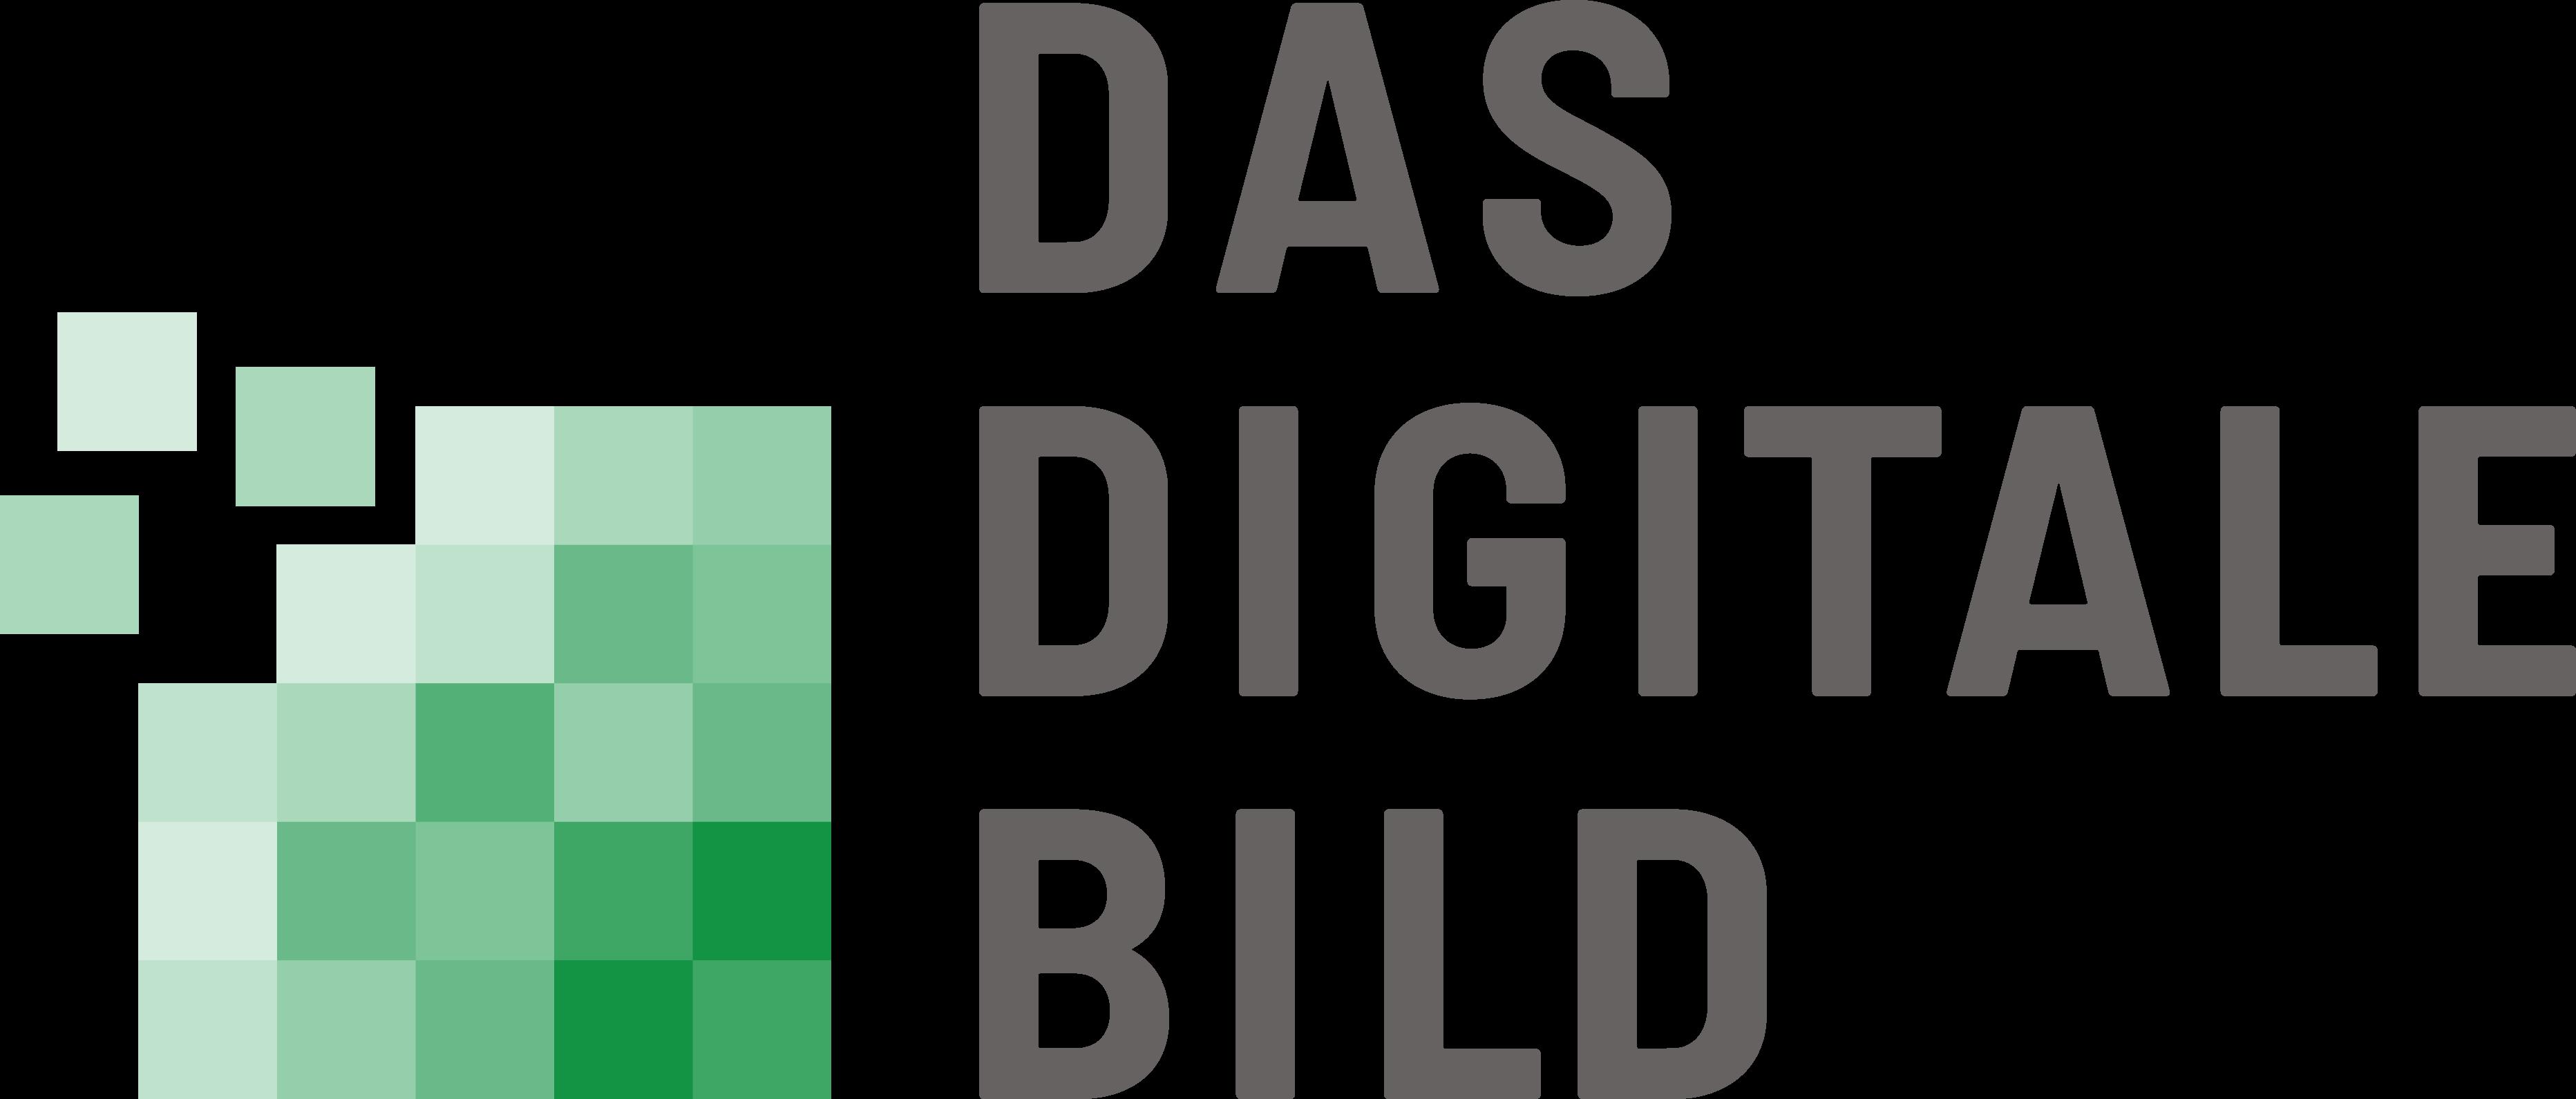 DFG Schwerpunktprogramm – Das Digitale Bild